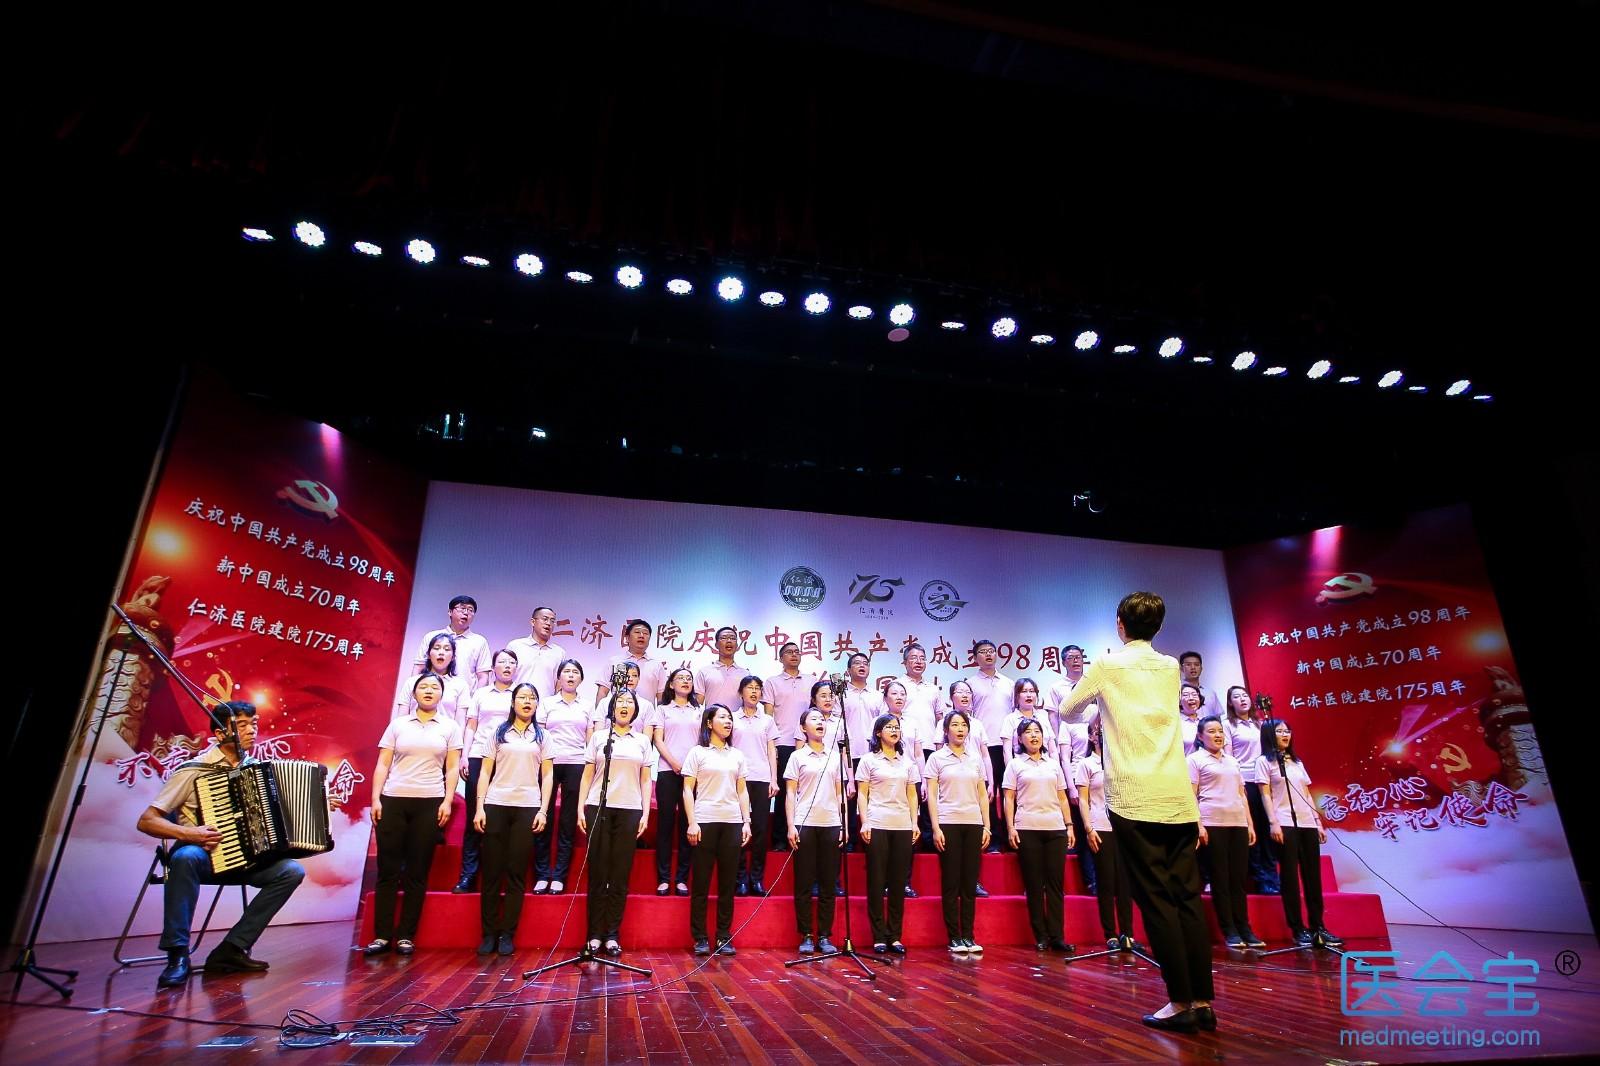 """我的中国梦合唱比赛_我所参加仁济医院庆祝建党98周年暨""""我和我的祖国""""大合唱比赛"""